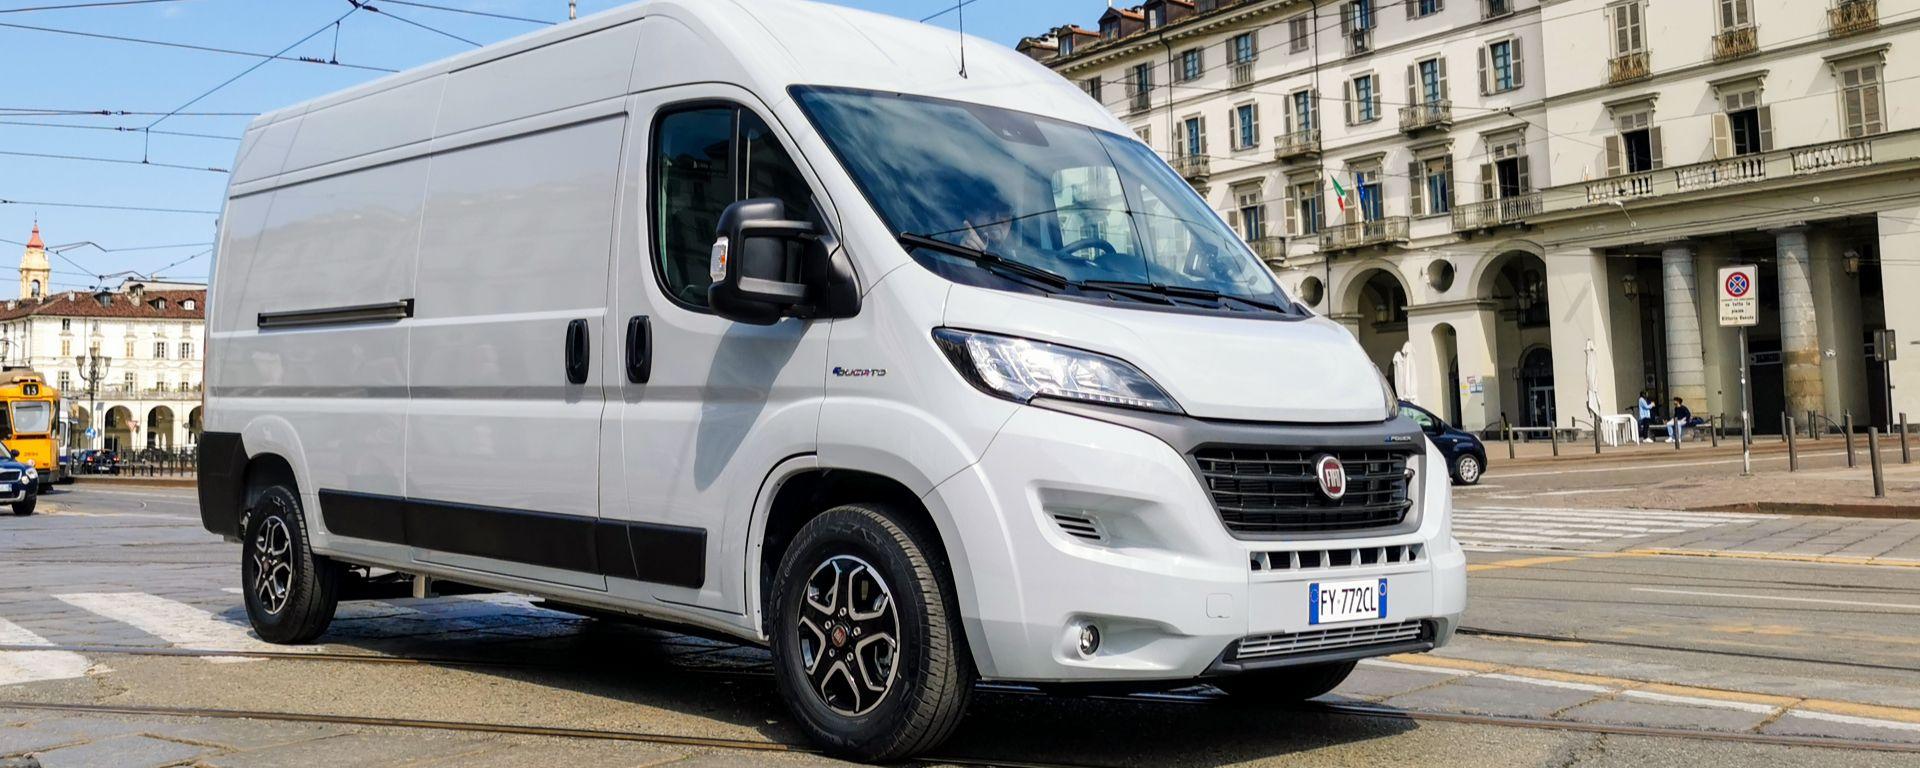 Fiat E-Ducato 2021: il veicolo commerciale diventa elettrico